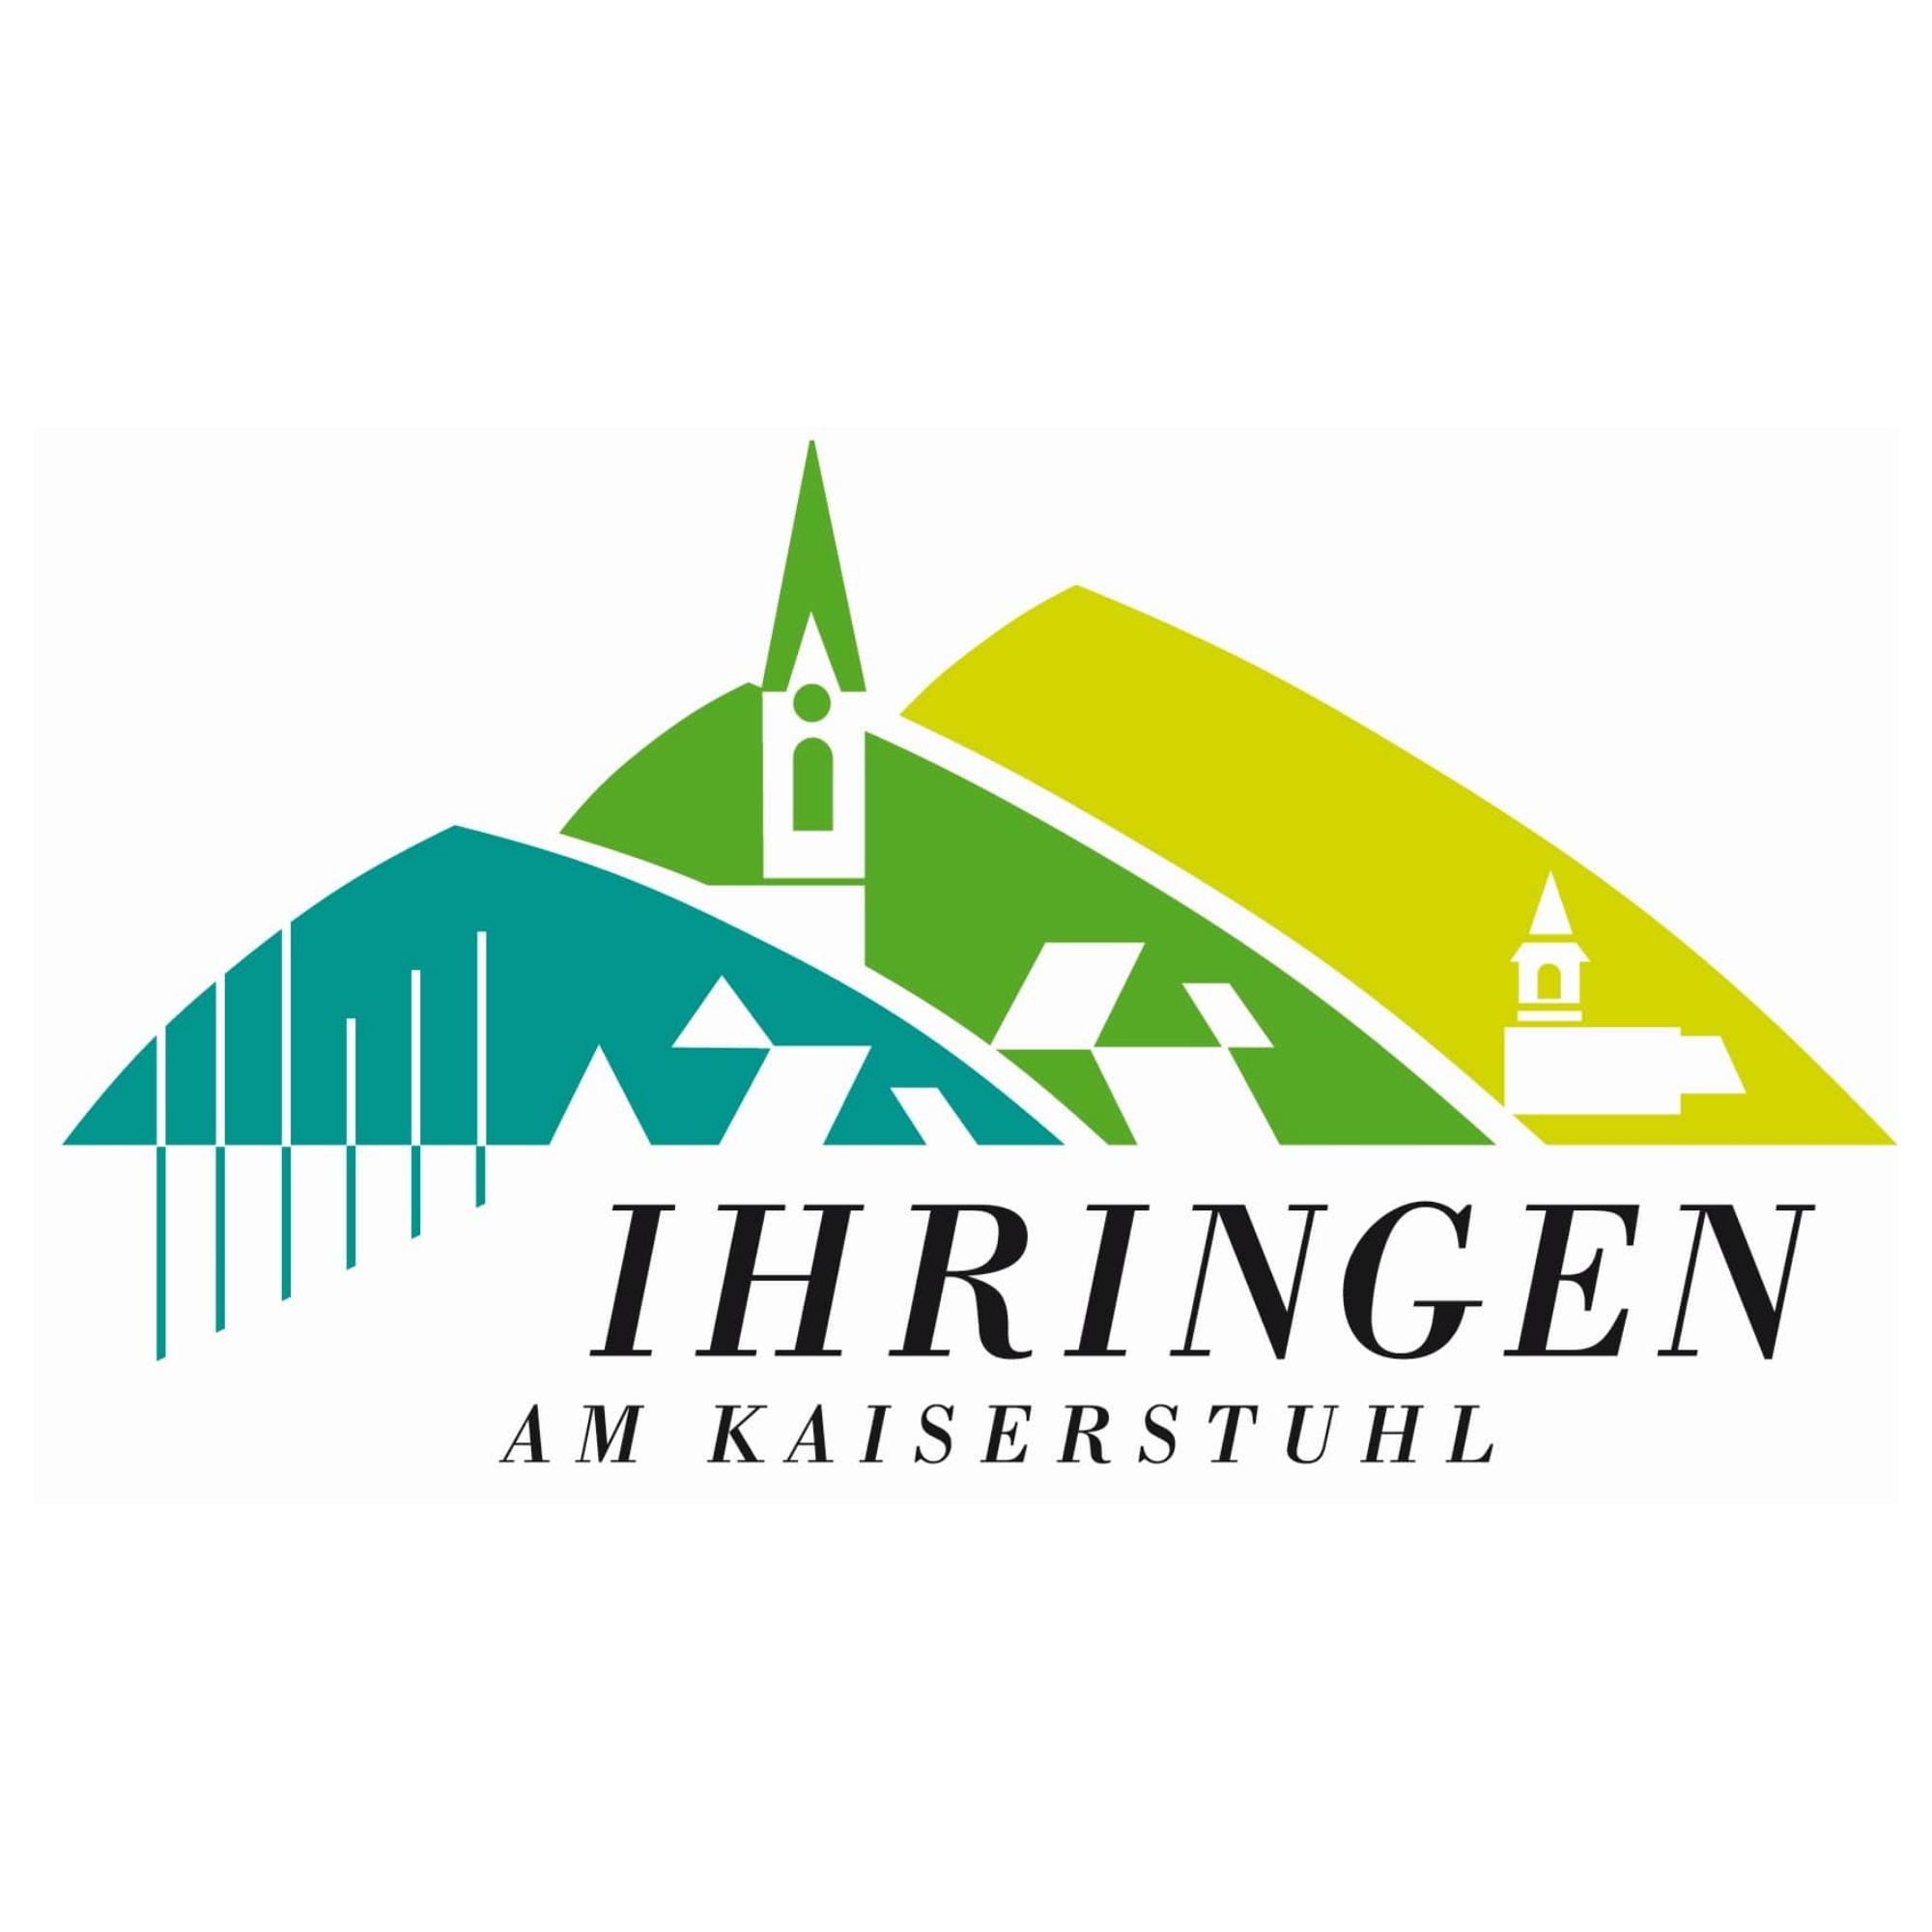 Ihringen am Kaiserstuhl